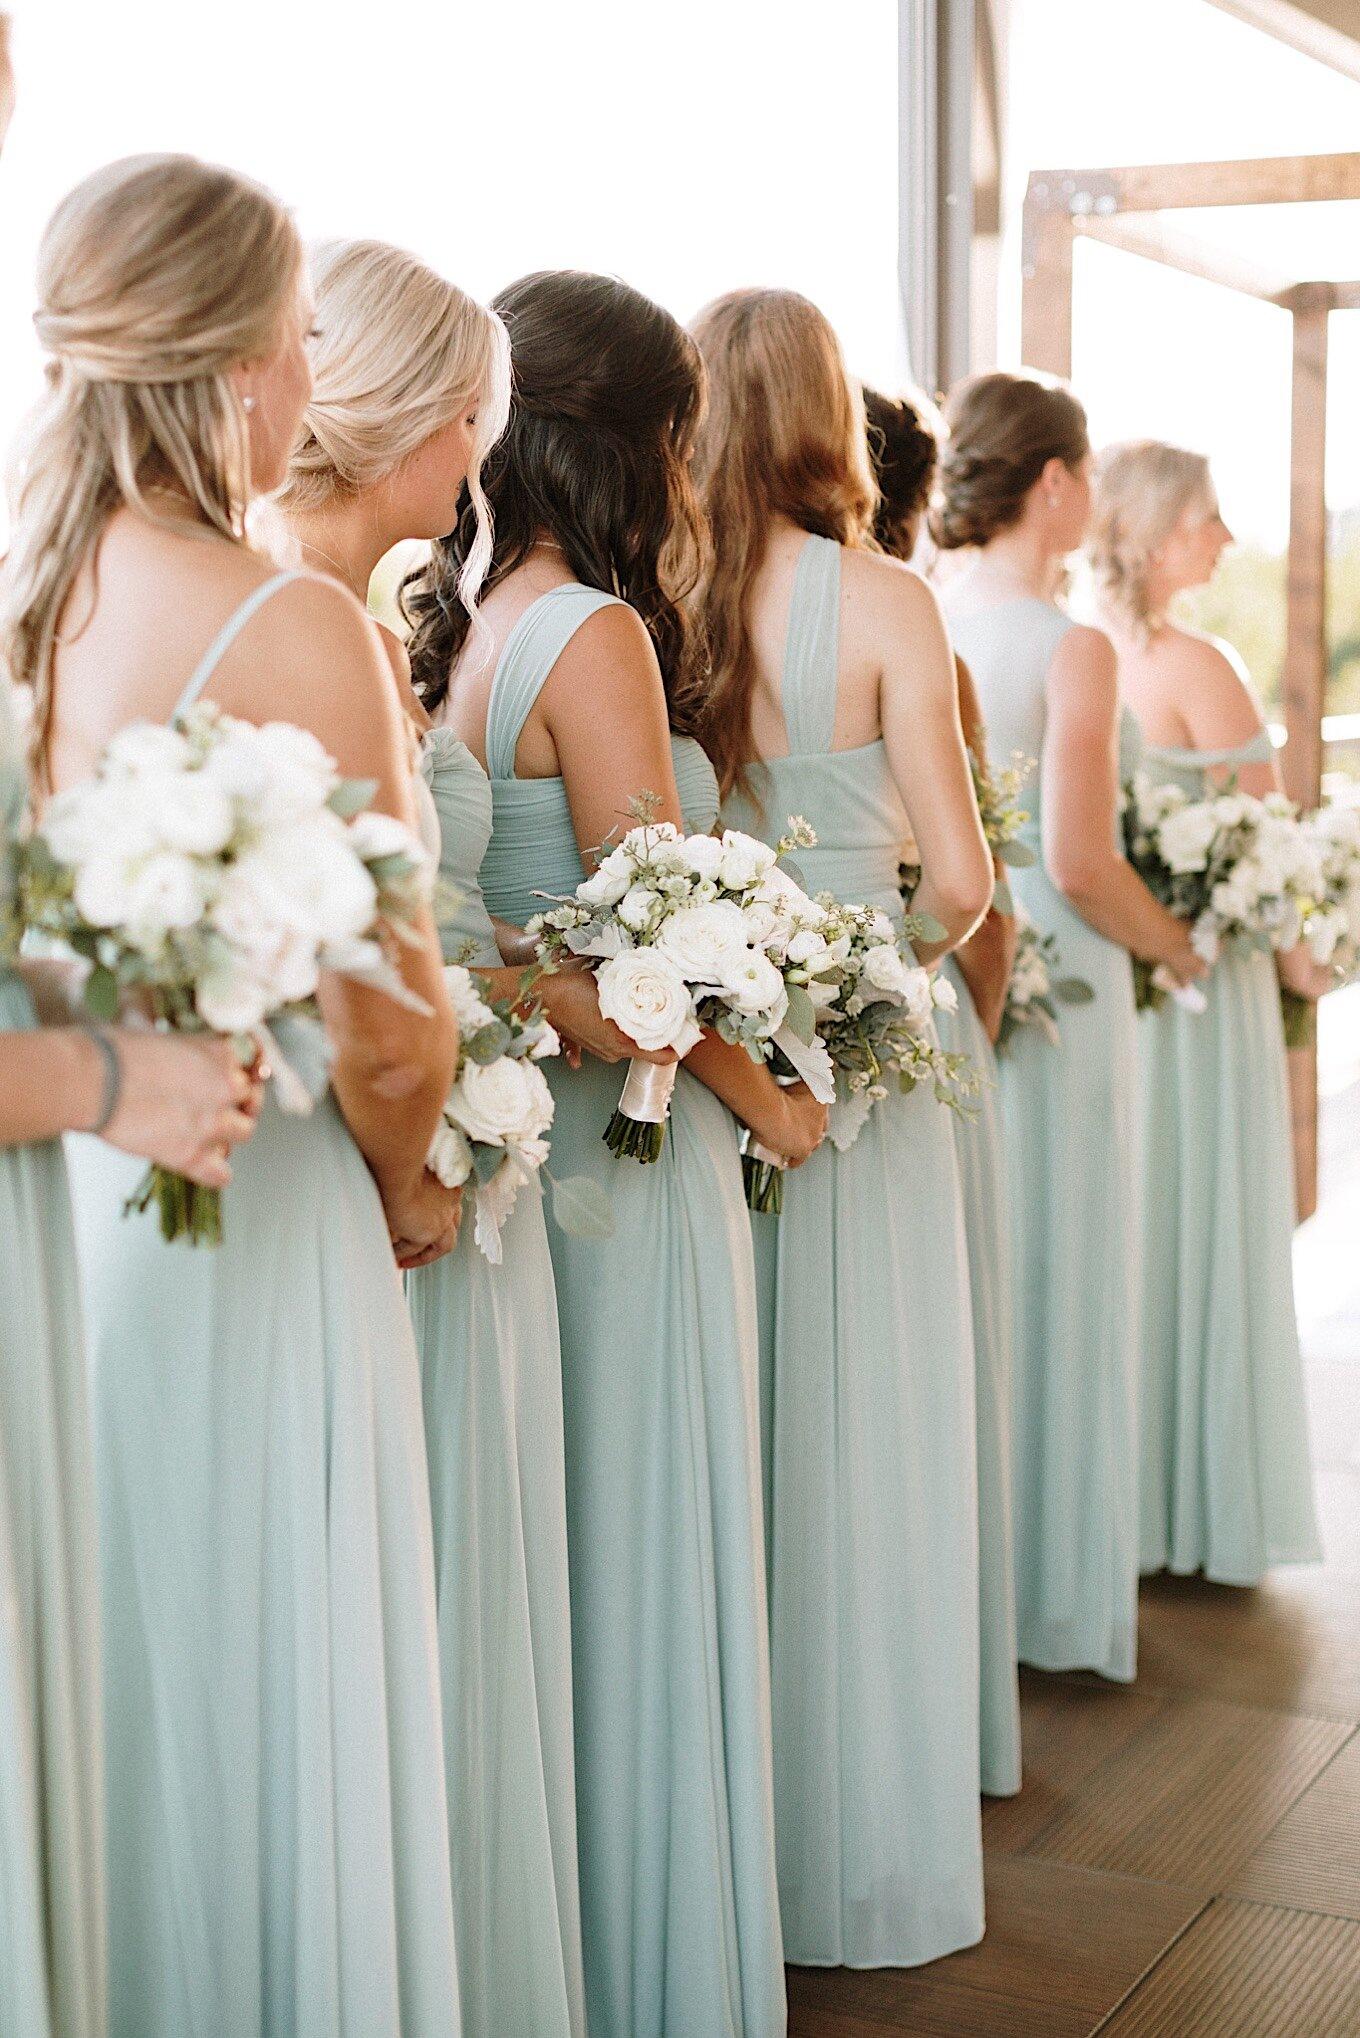 17_schutt-wedding-sneakpeek-24.jpg